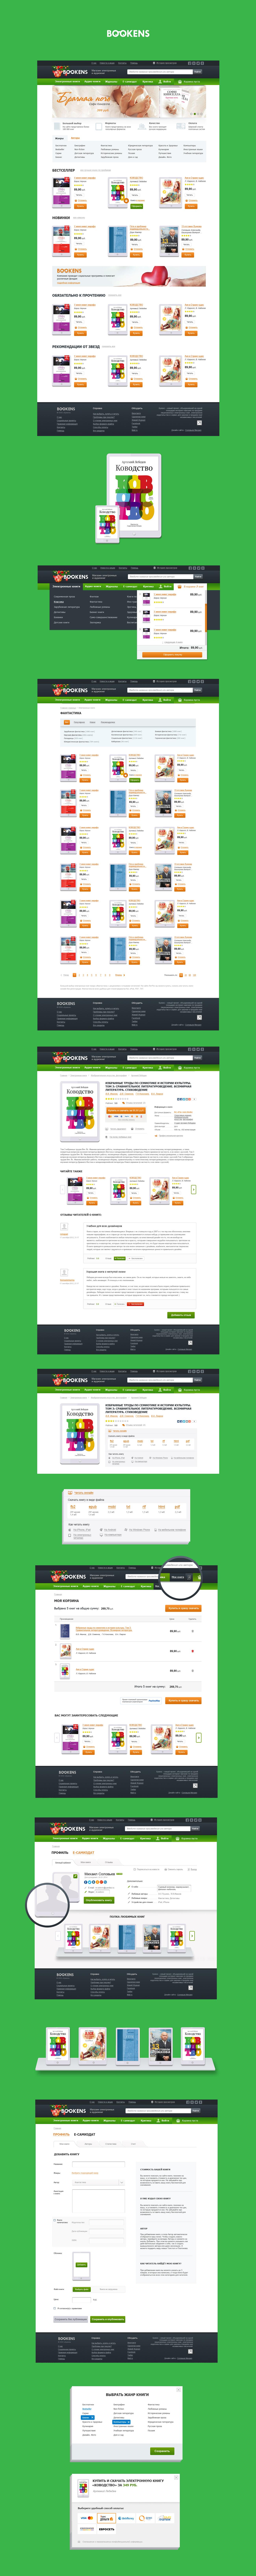 B O O K E N S - интернет-магазин электронных книг